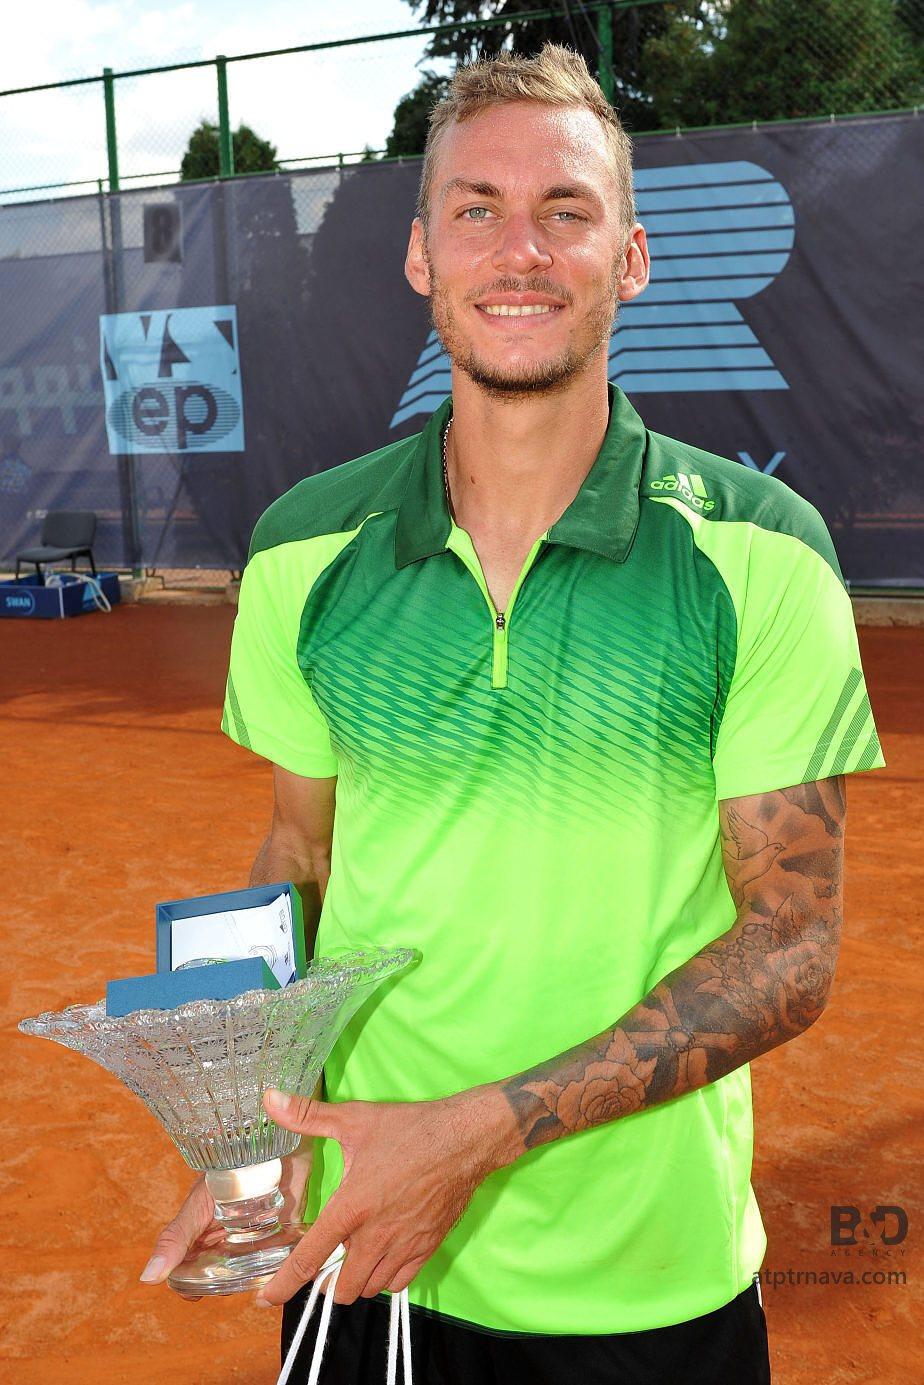 Andreas Maurer Tennis